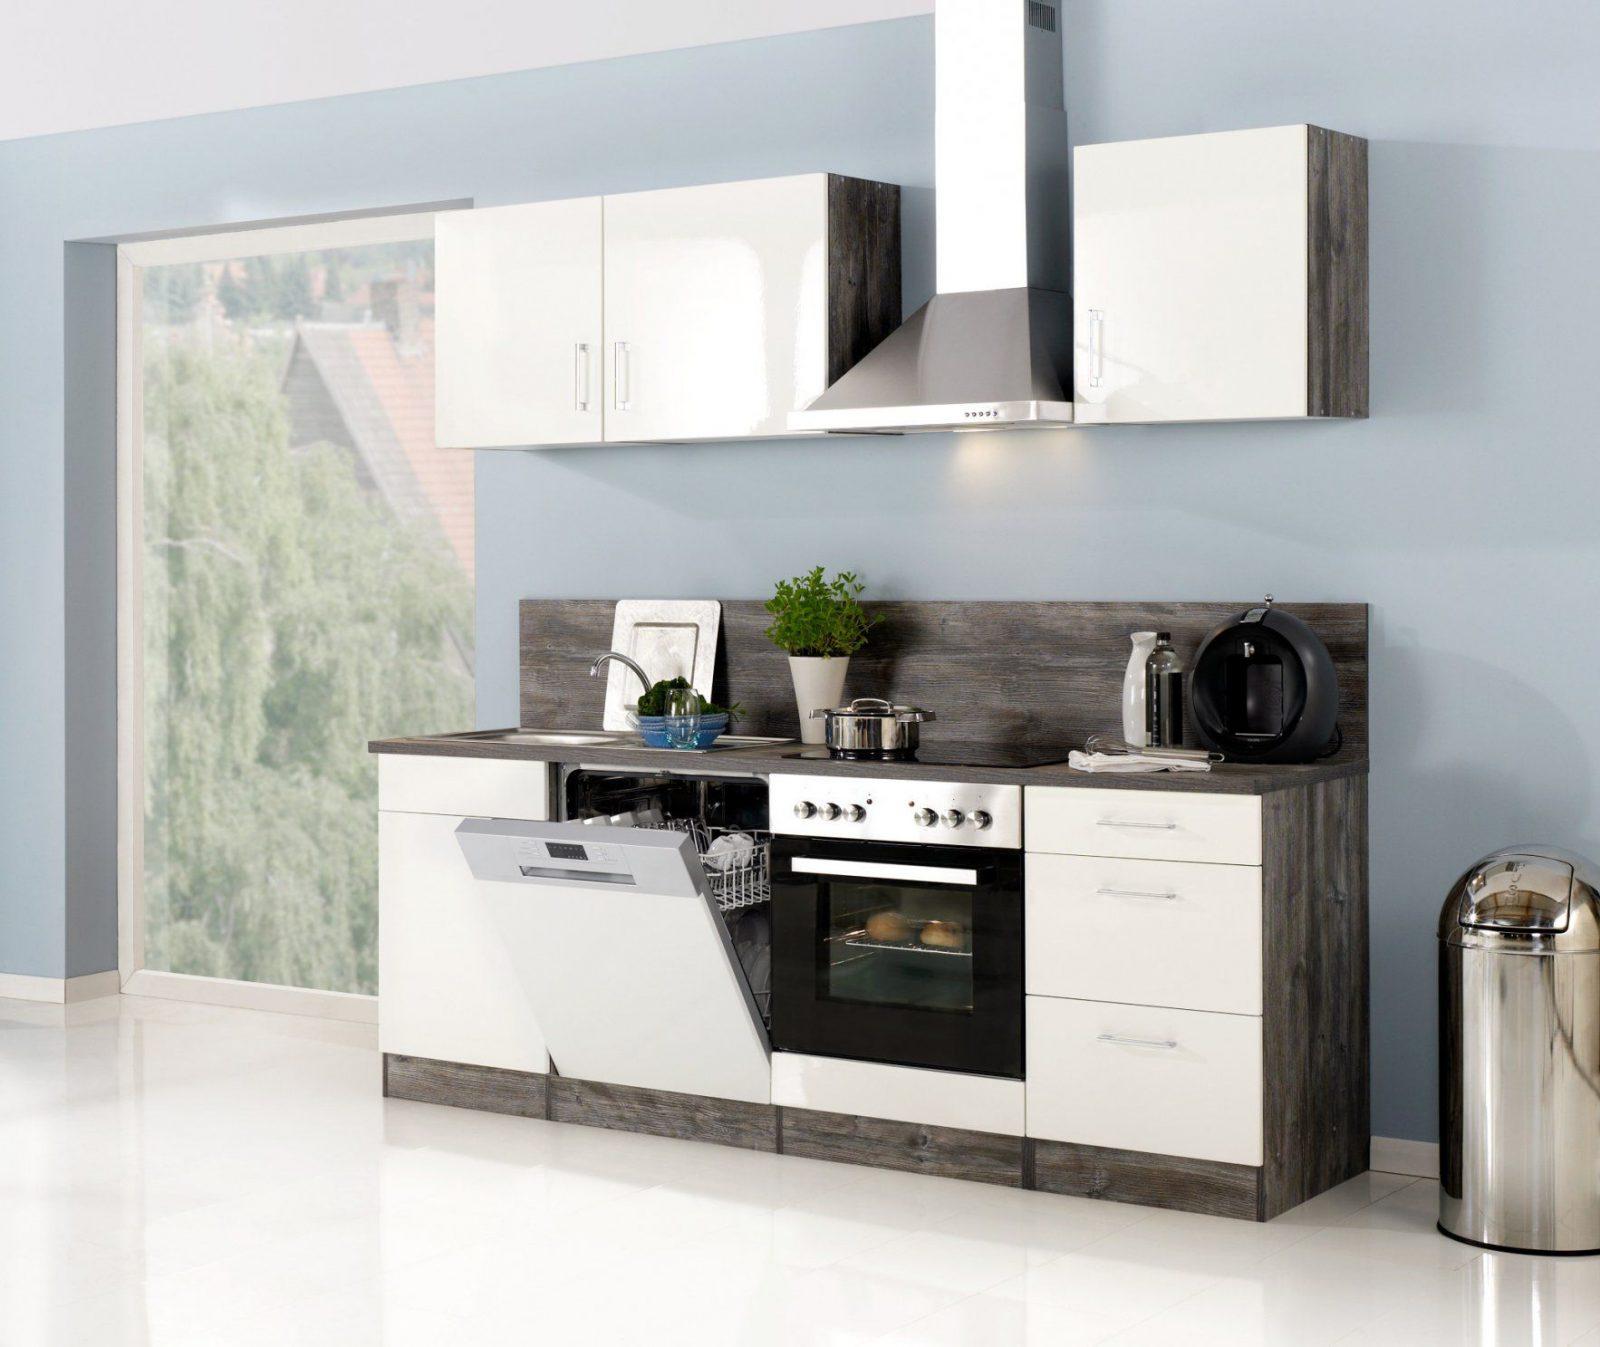 Küchenzeile Lissabon  Küche Mit Egeräten  Breite 220 Cm von Küchenzeile 220 Cm Ohne Geräte Photo